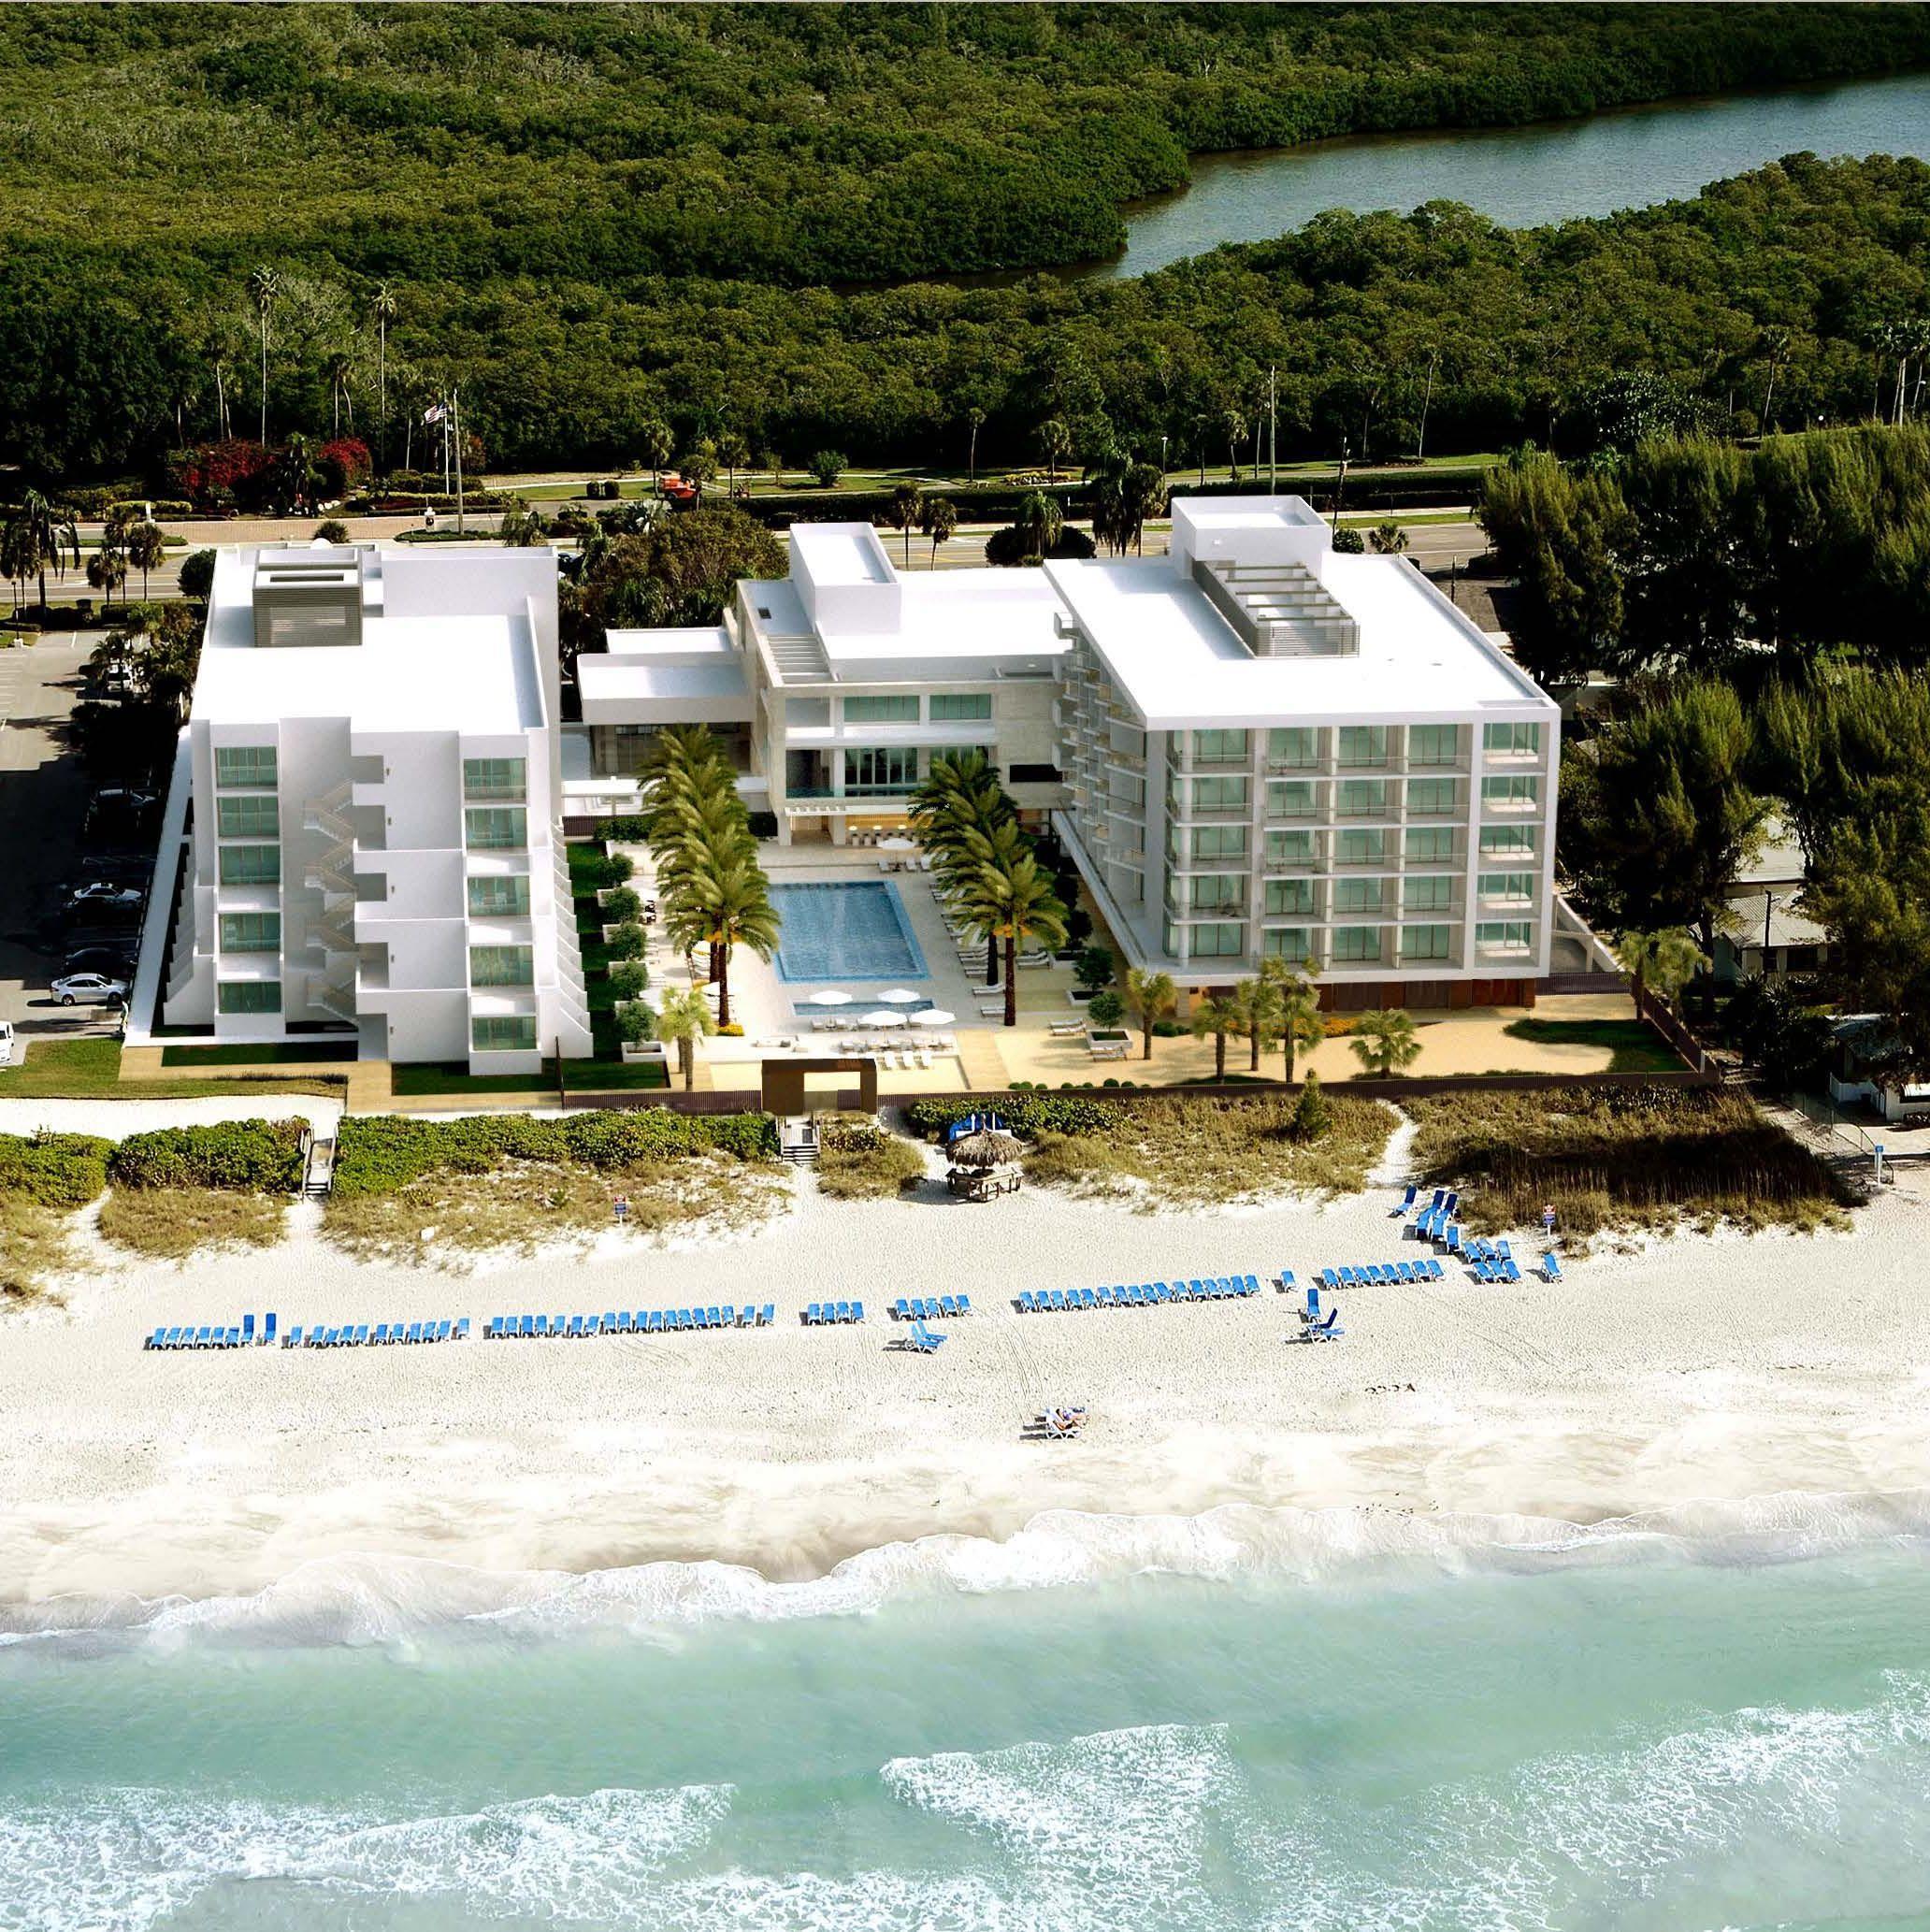 Zota beach resort vgrphz